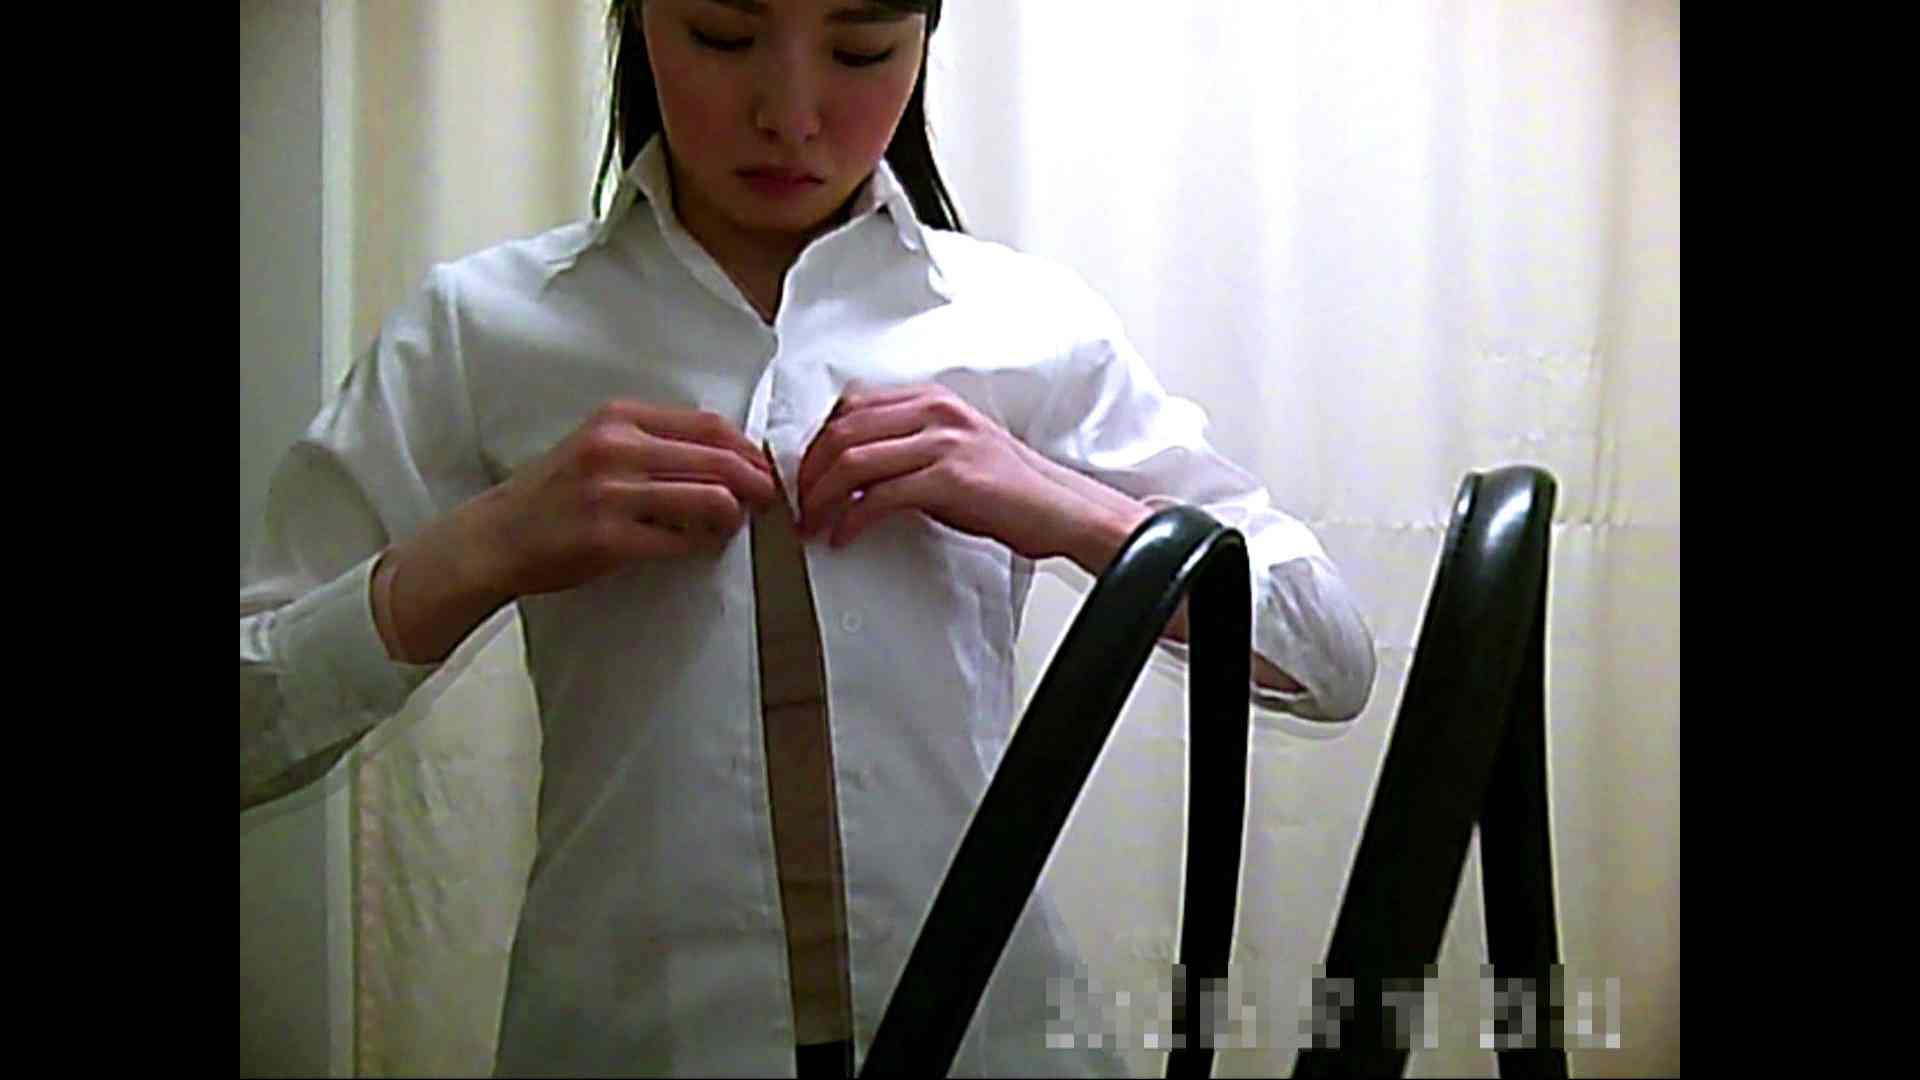 元医者による反抗 更衣室地獄絵巻 vol.003 お姉さんのSEX オメコ無修正動画無料 86枚 14